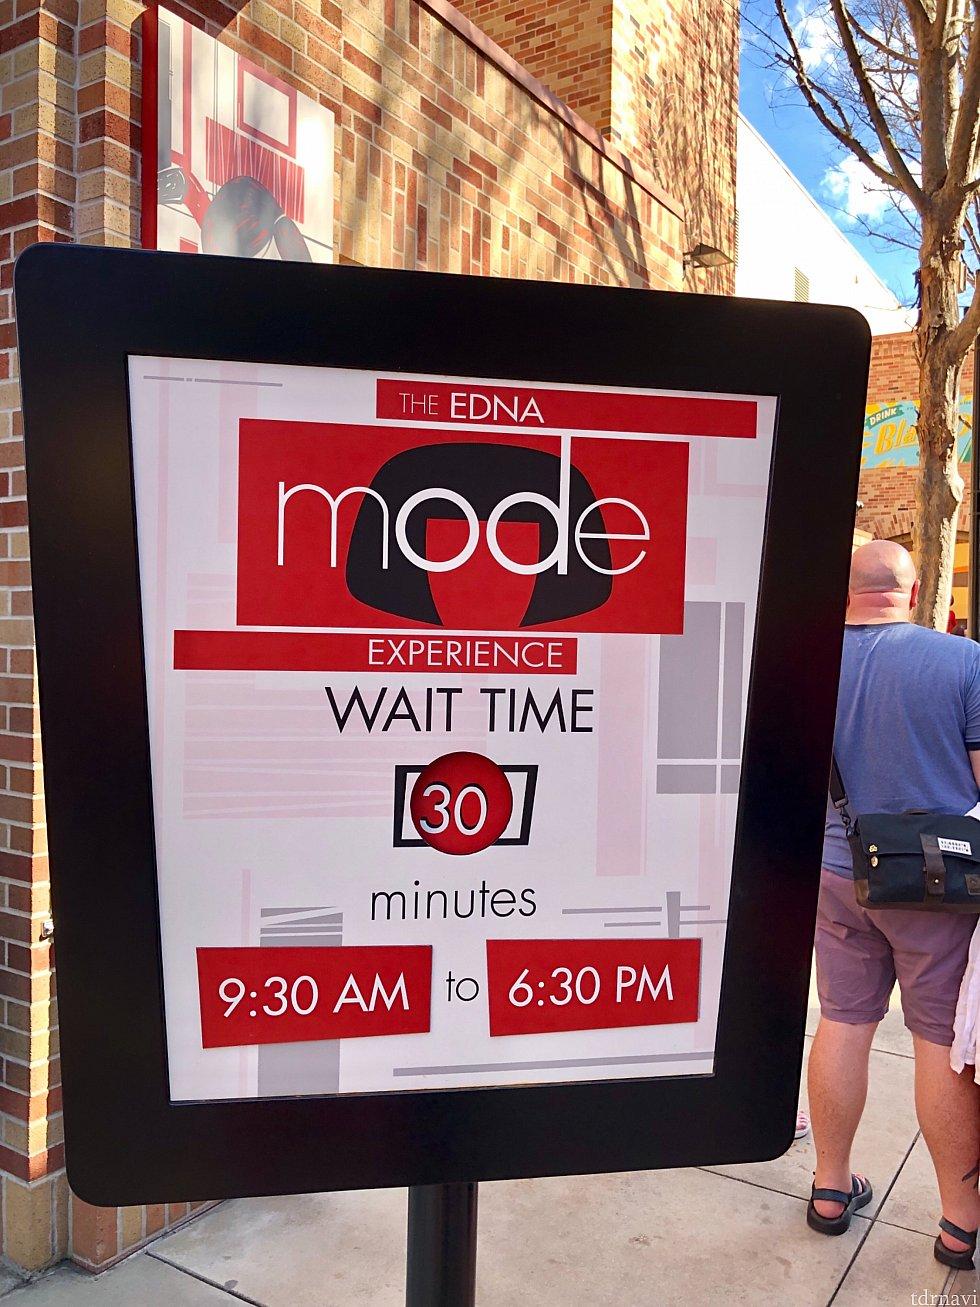 エドナには9時半から18時半まで会えるみたいです。この時の待ち時間表示は30分。